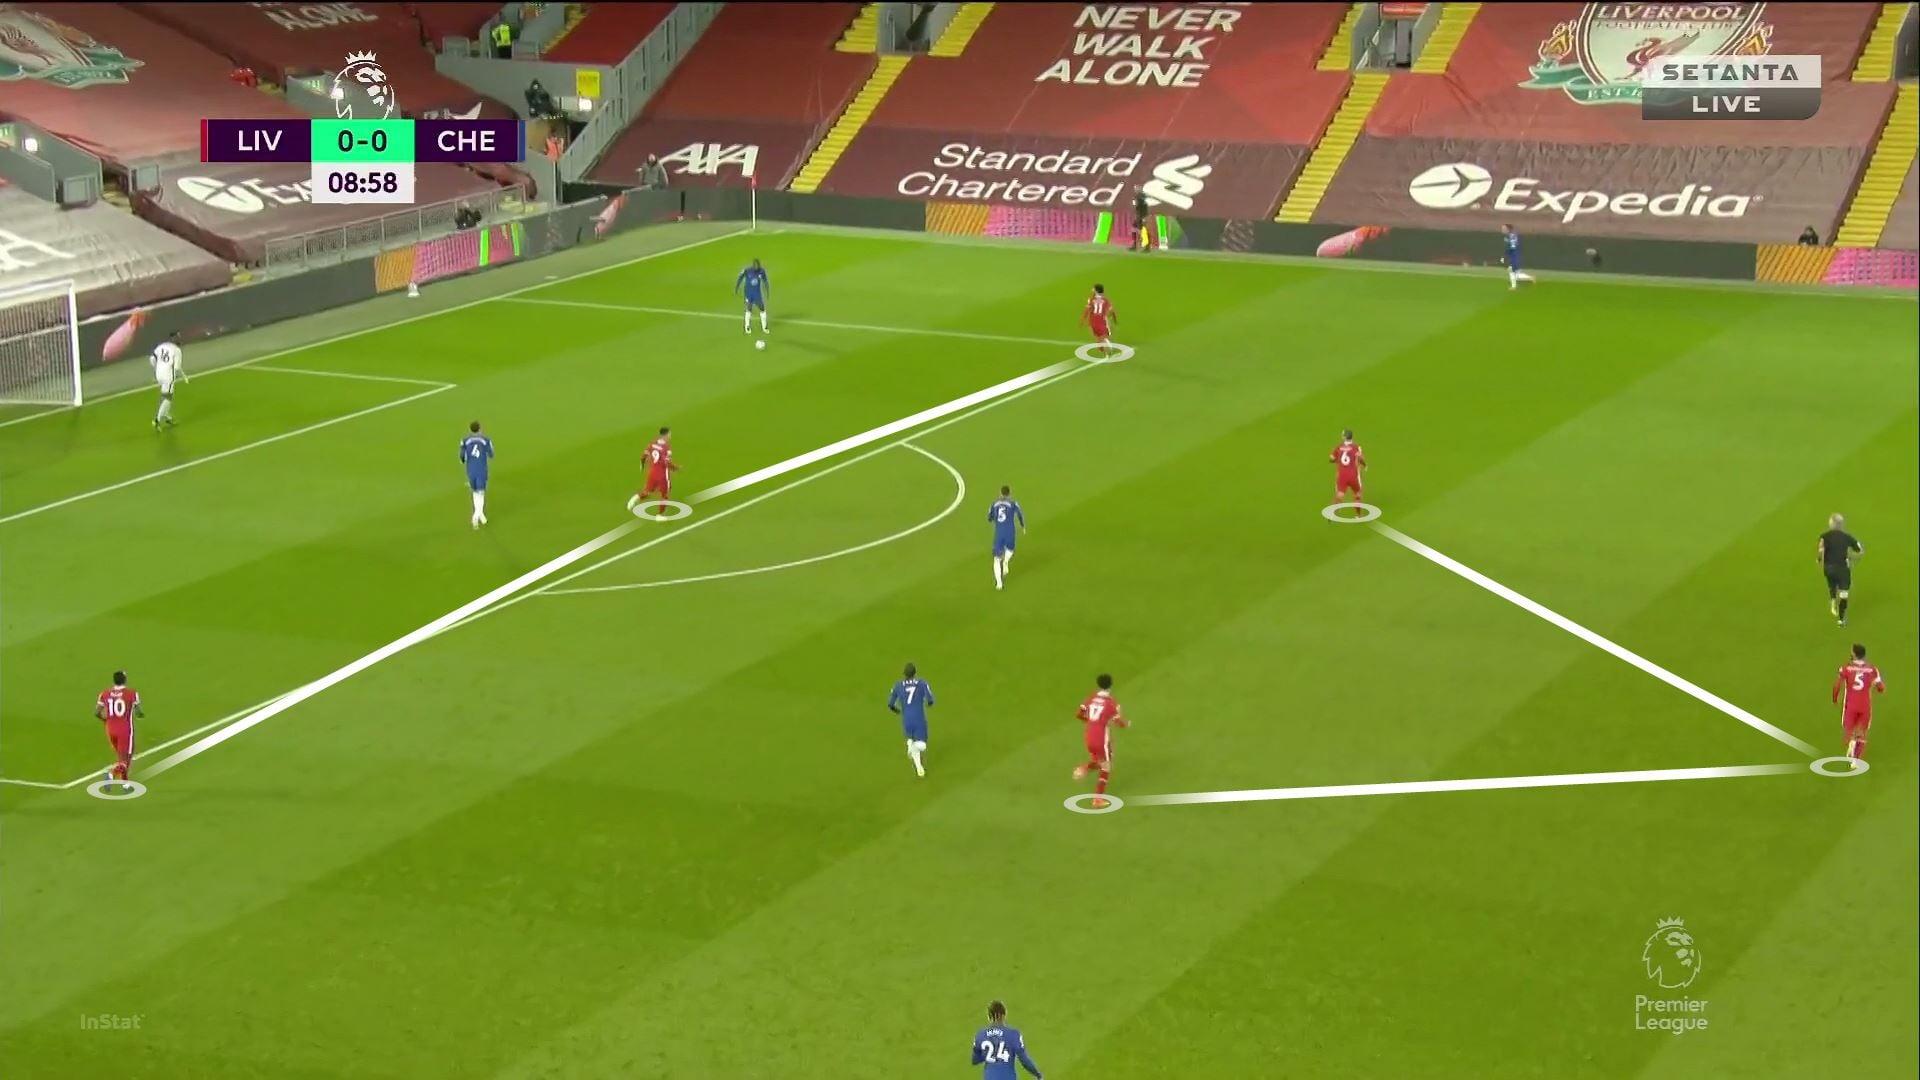 Тухель преобразил «Челси»: владение как оборонительный инструмент, топовый прессинг и тонкие ходы под каждого соперника